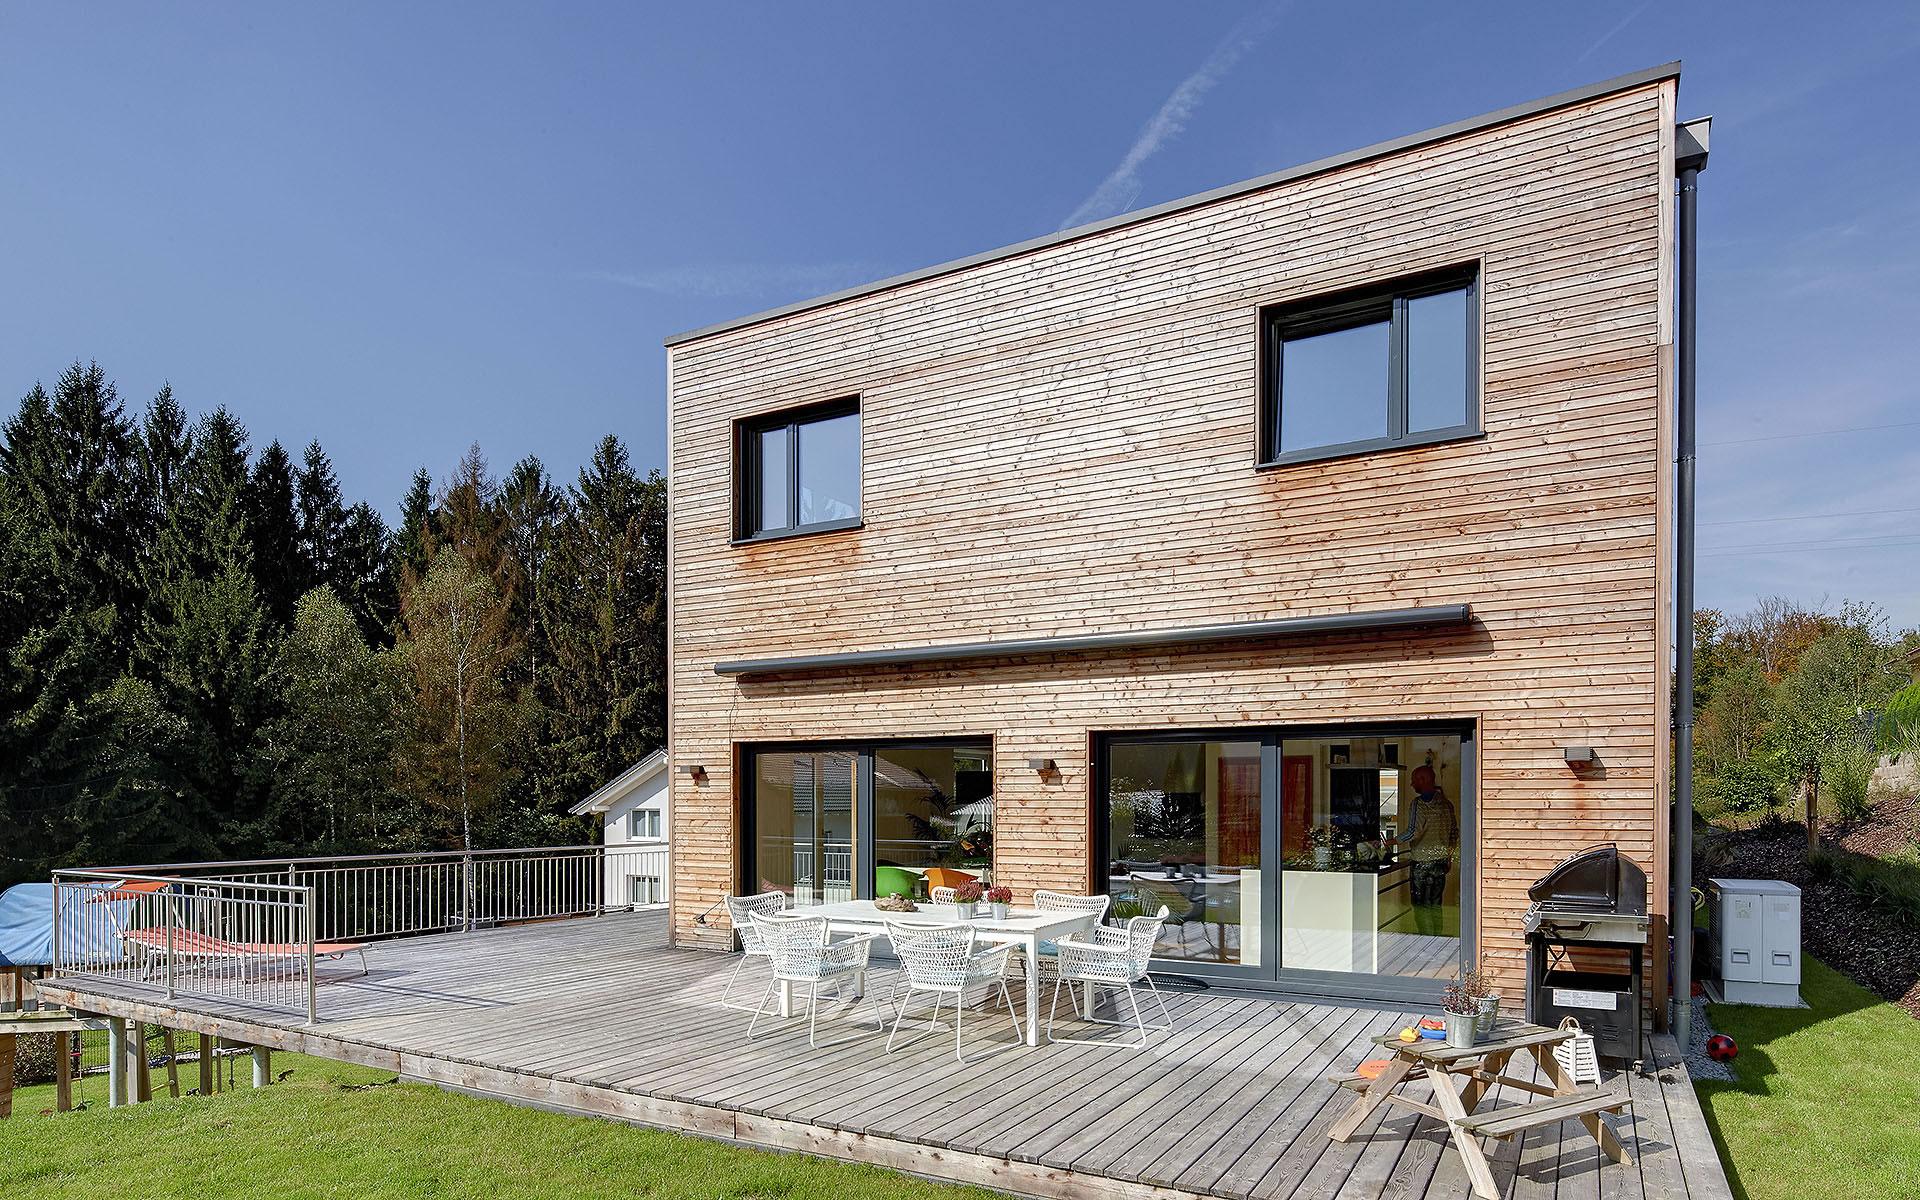 Gwandtner von Sonnleitner Holzbauwerke GmbH & Co. KG